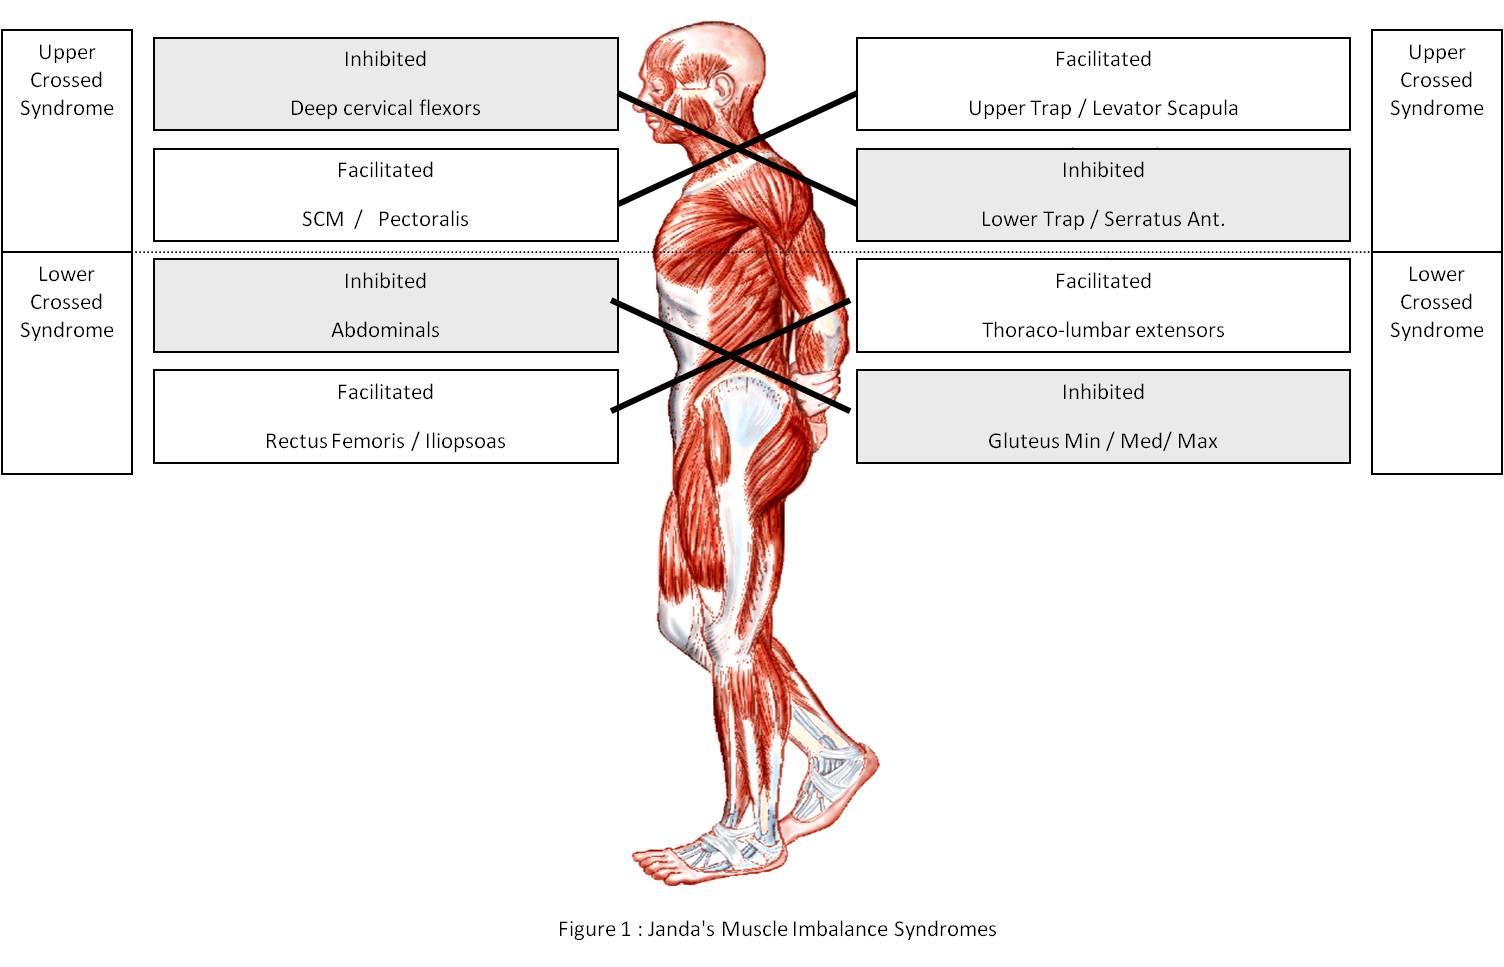 ízületi fájdalom hasi fájdalom argo termékek ízületi fájdalmak kezelésére